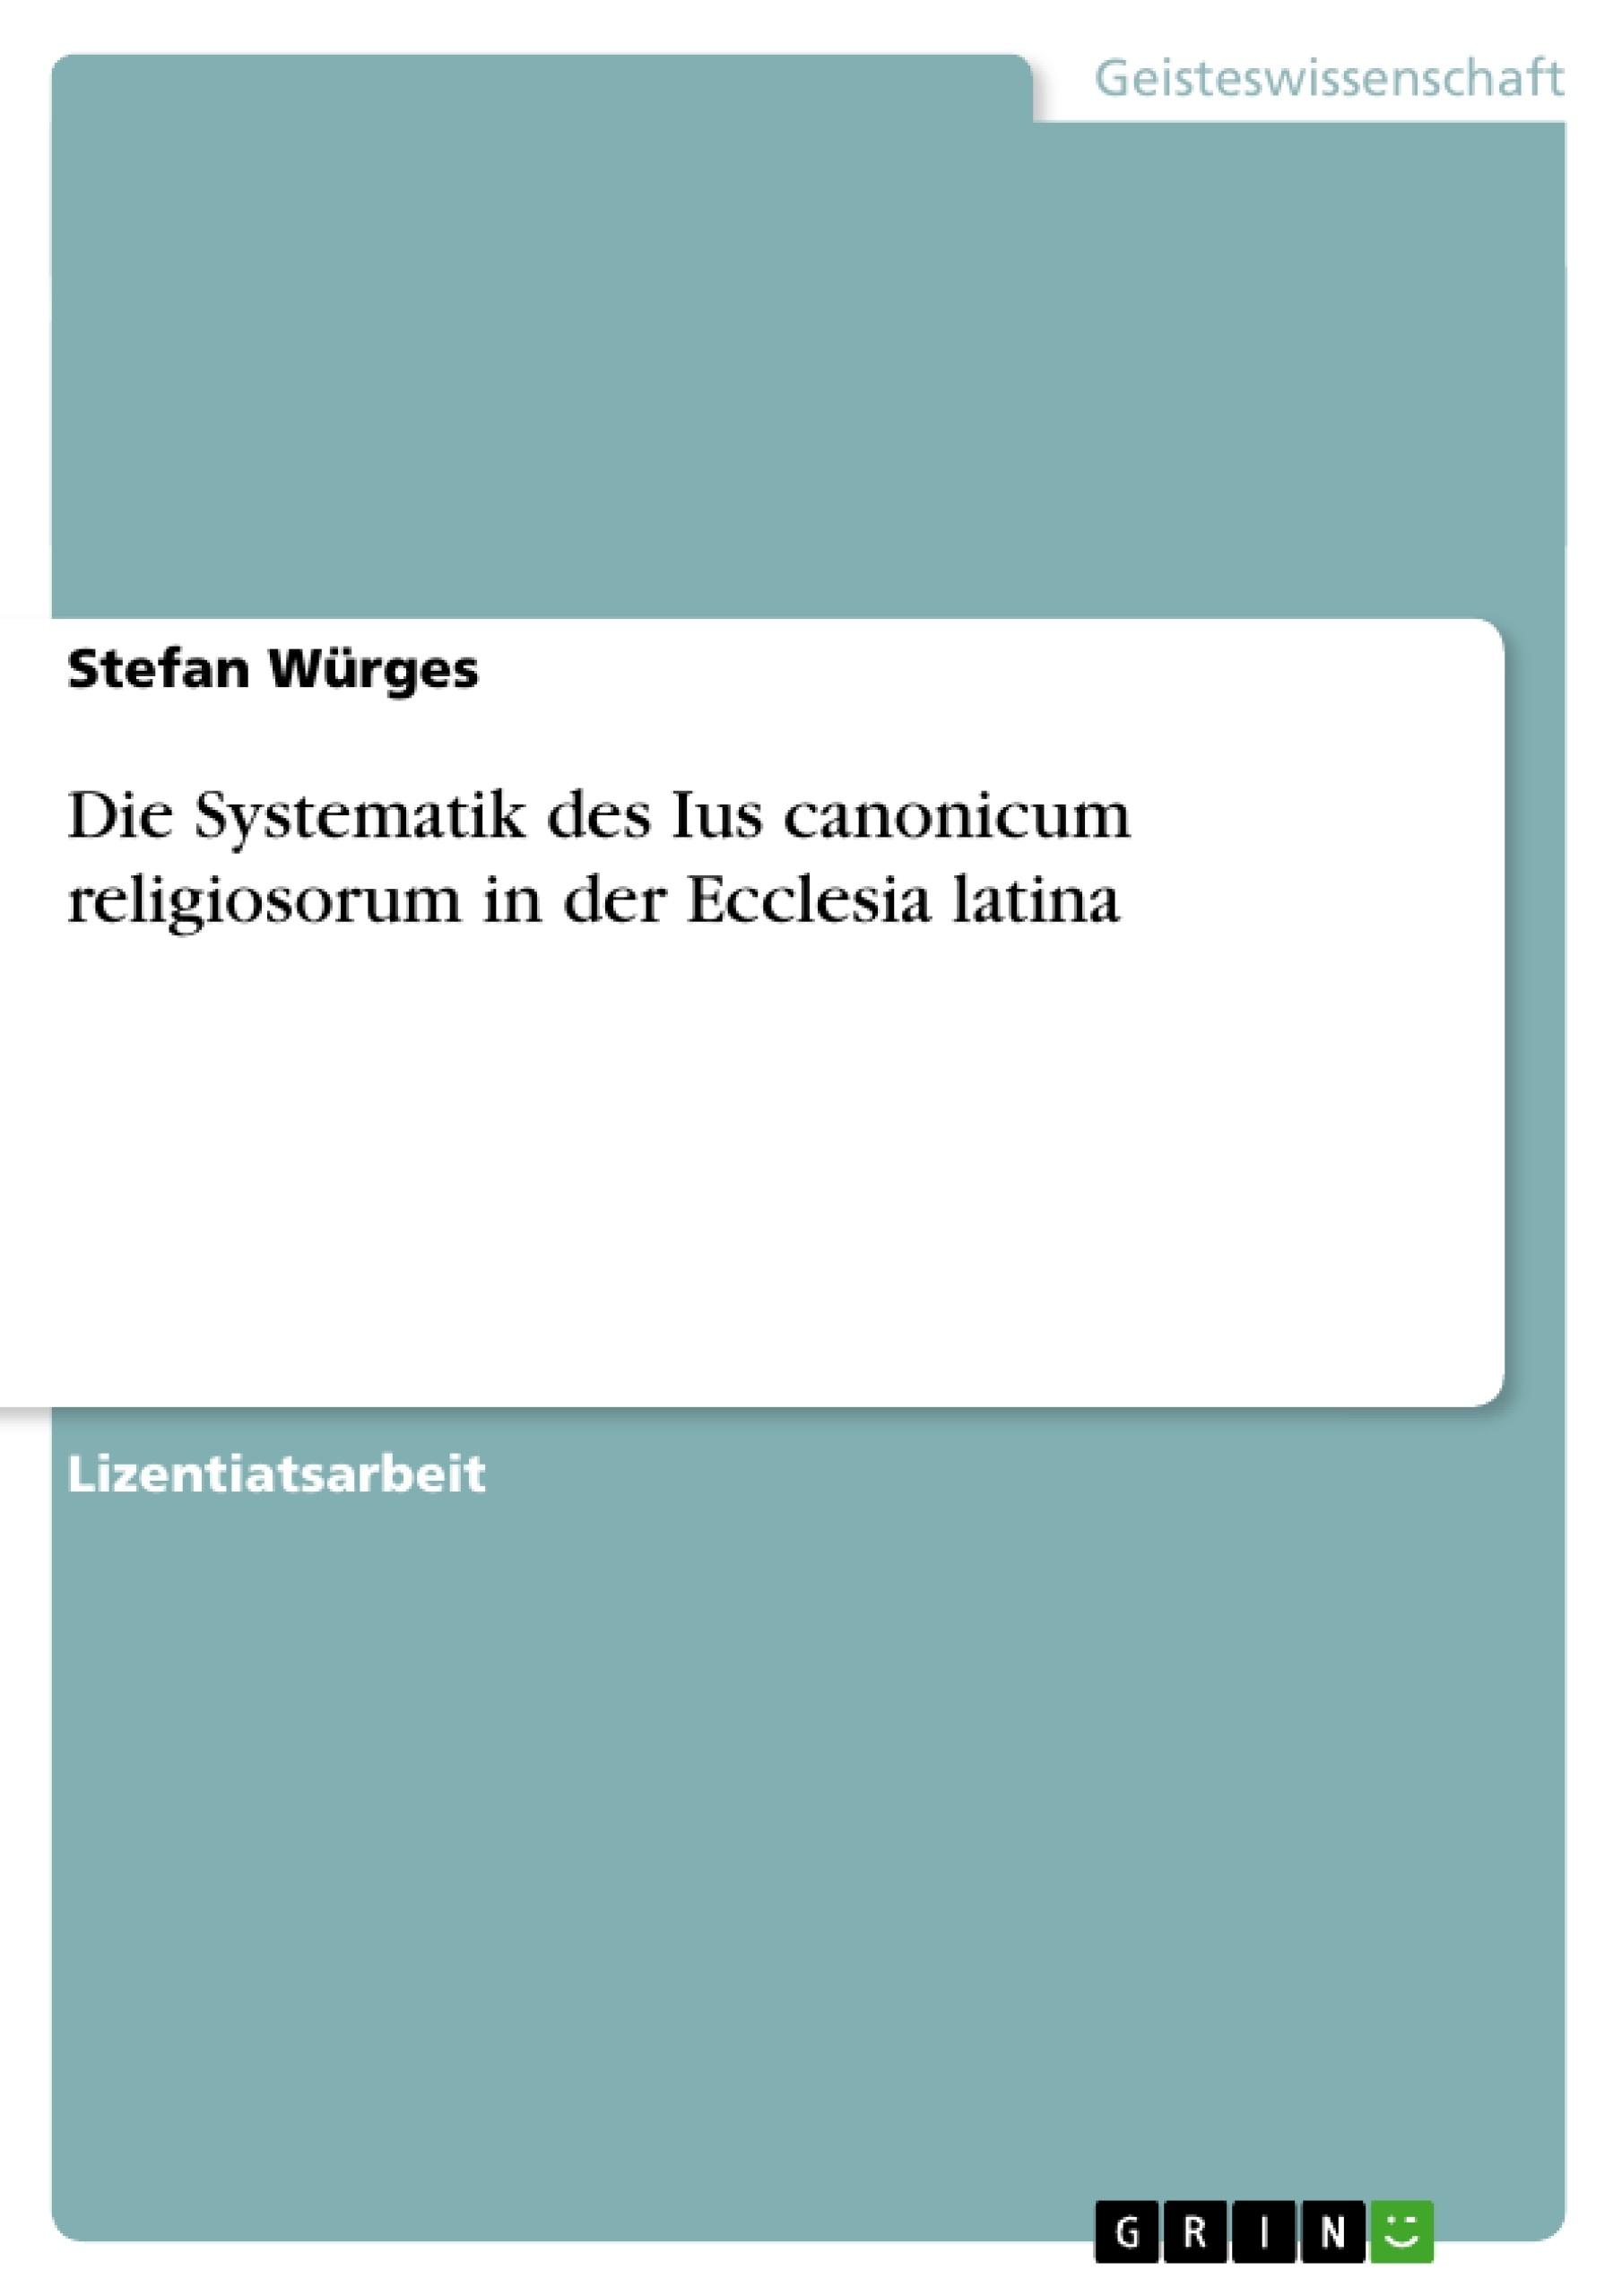 Titel: Die Systematik des Ius canonicum religiosorum in der Ecclesia latina